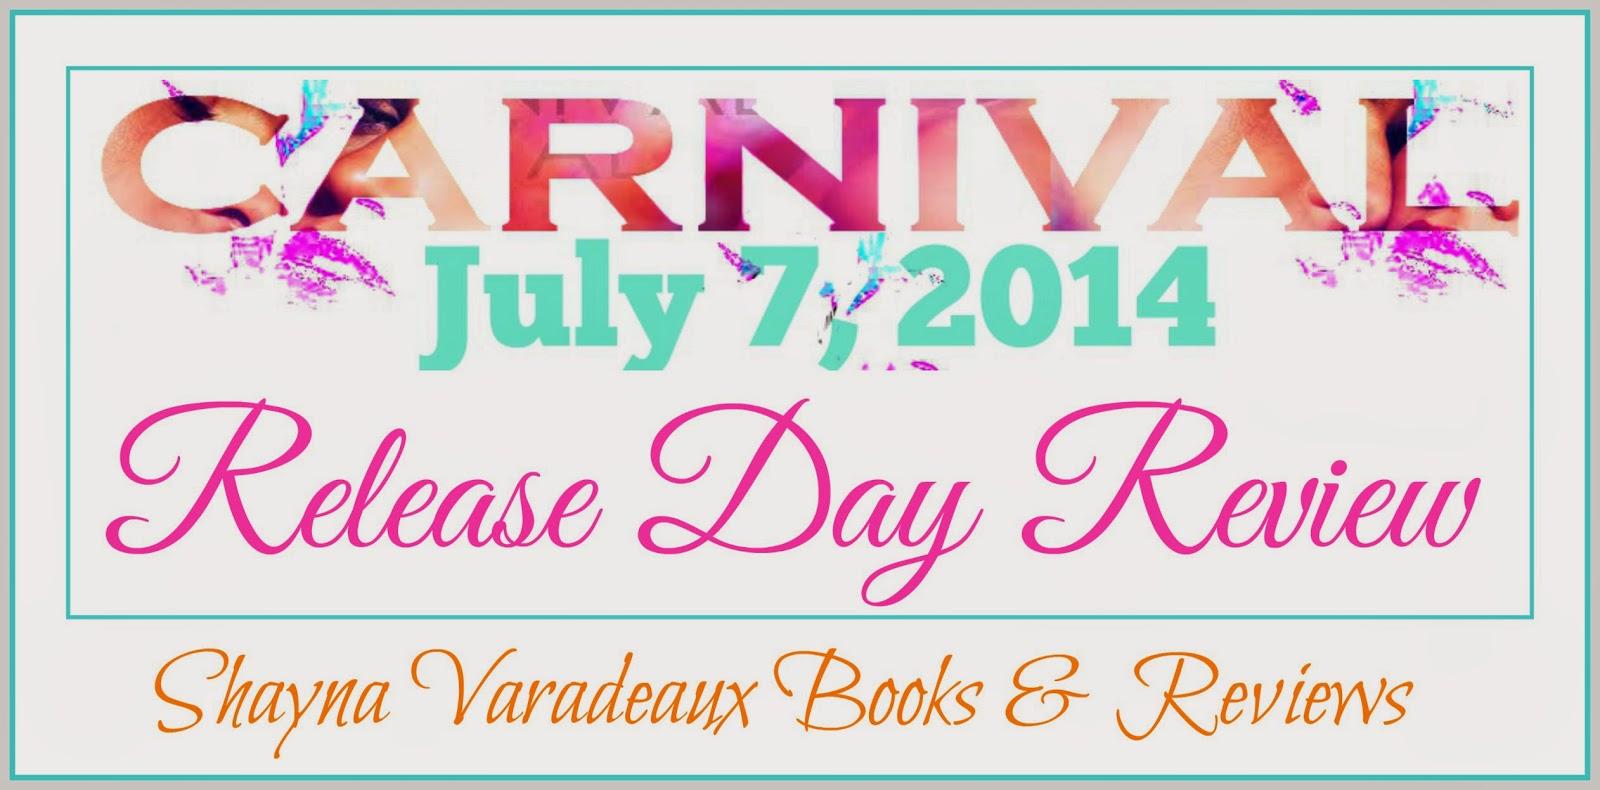 http://shaynavaradeauxbooks.blogspot.com/2014/07/Carnival7.html